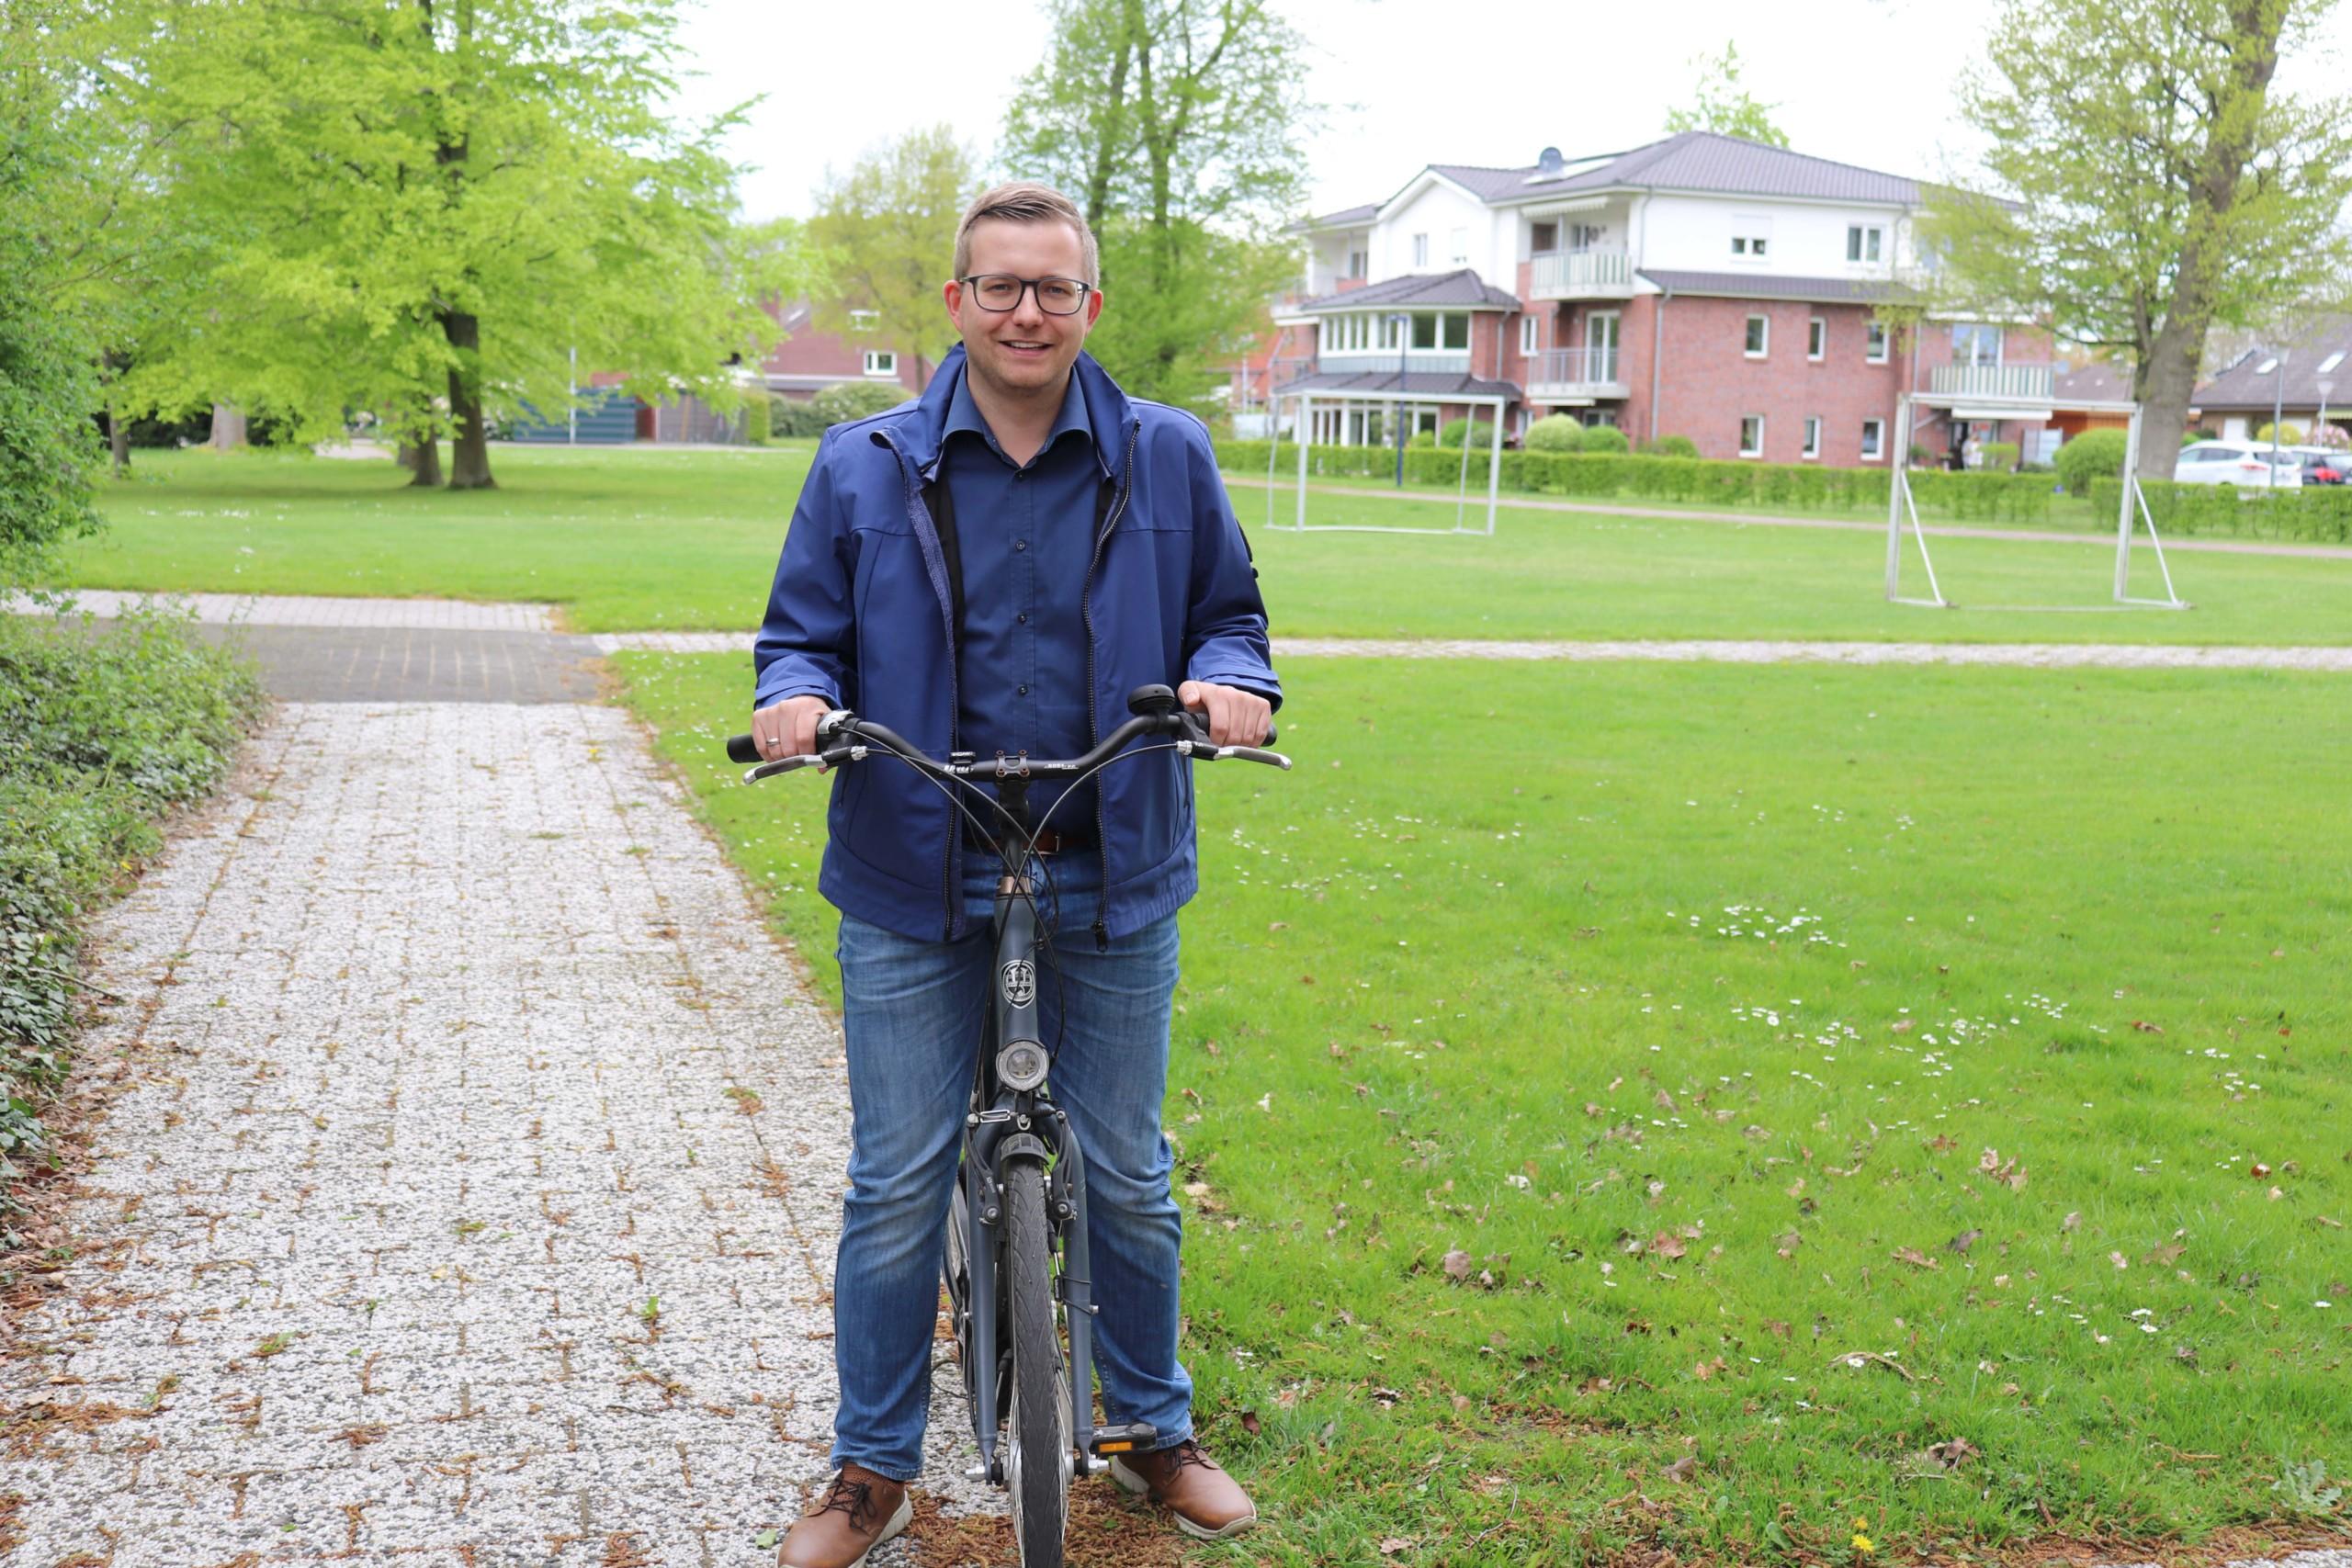 Bürgermeister Nils Anhuth mit seinem Fahrrad im Rathauspark. Aufnahme: Gemeinde Barßel